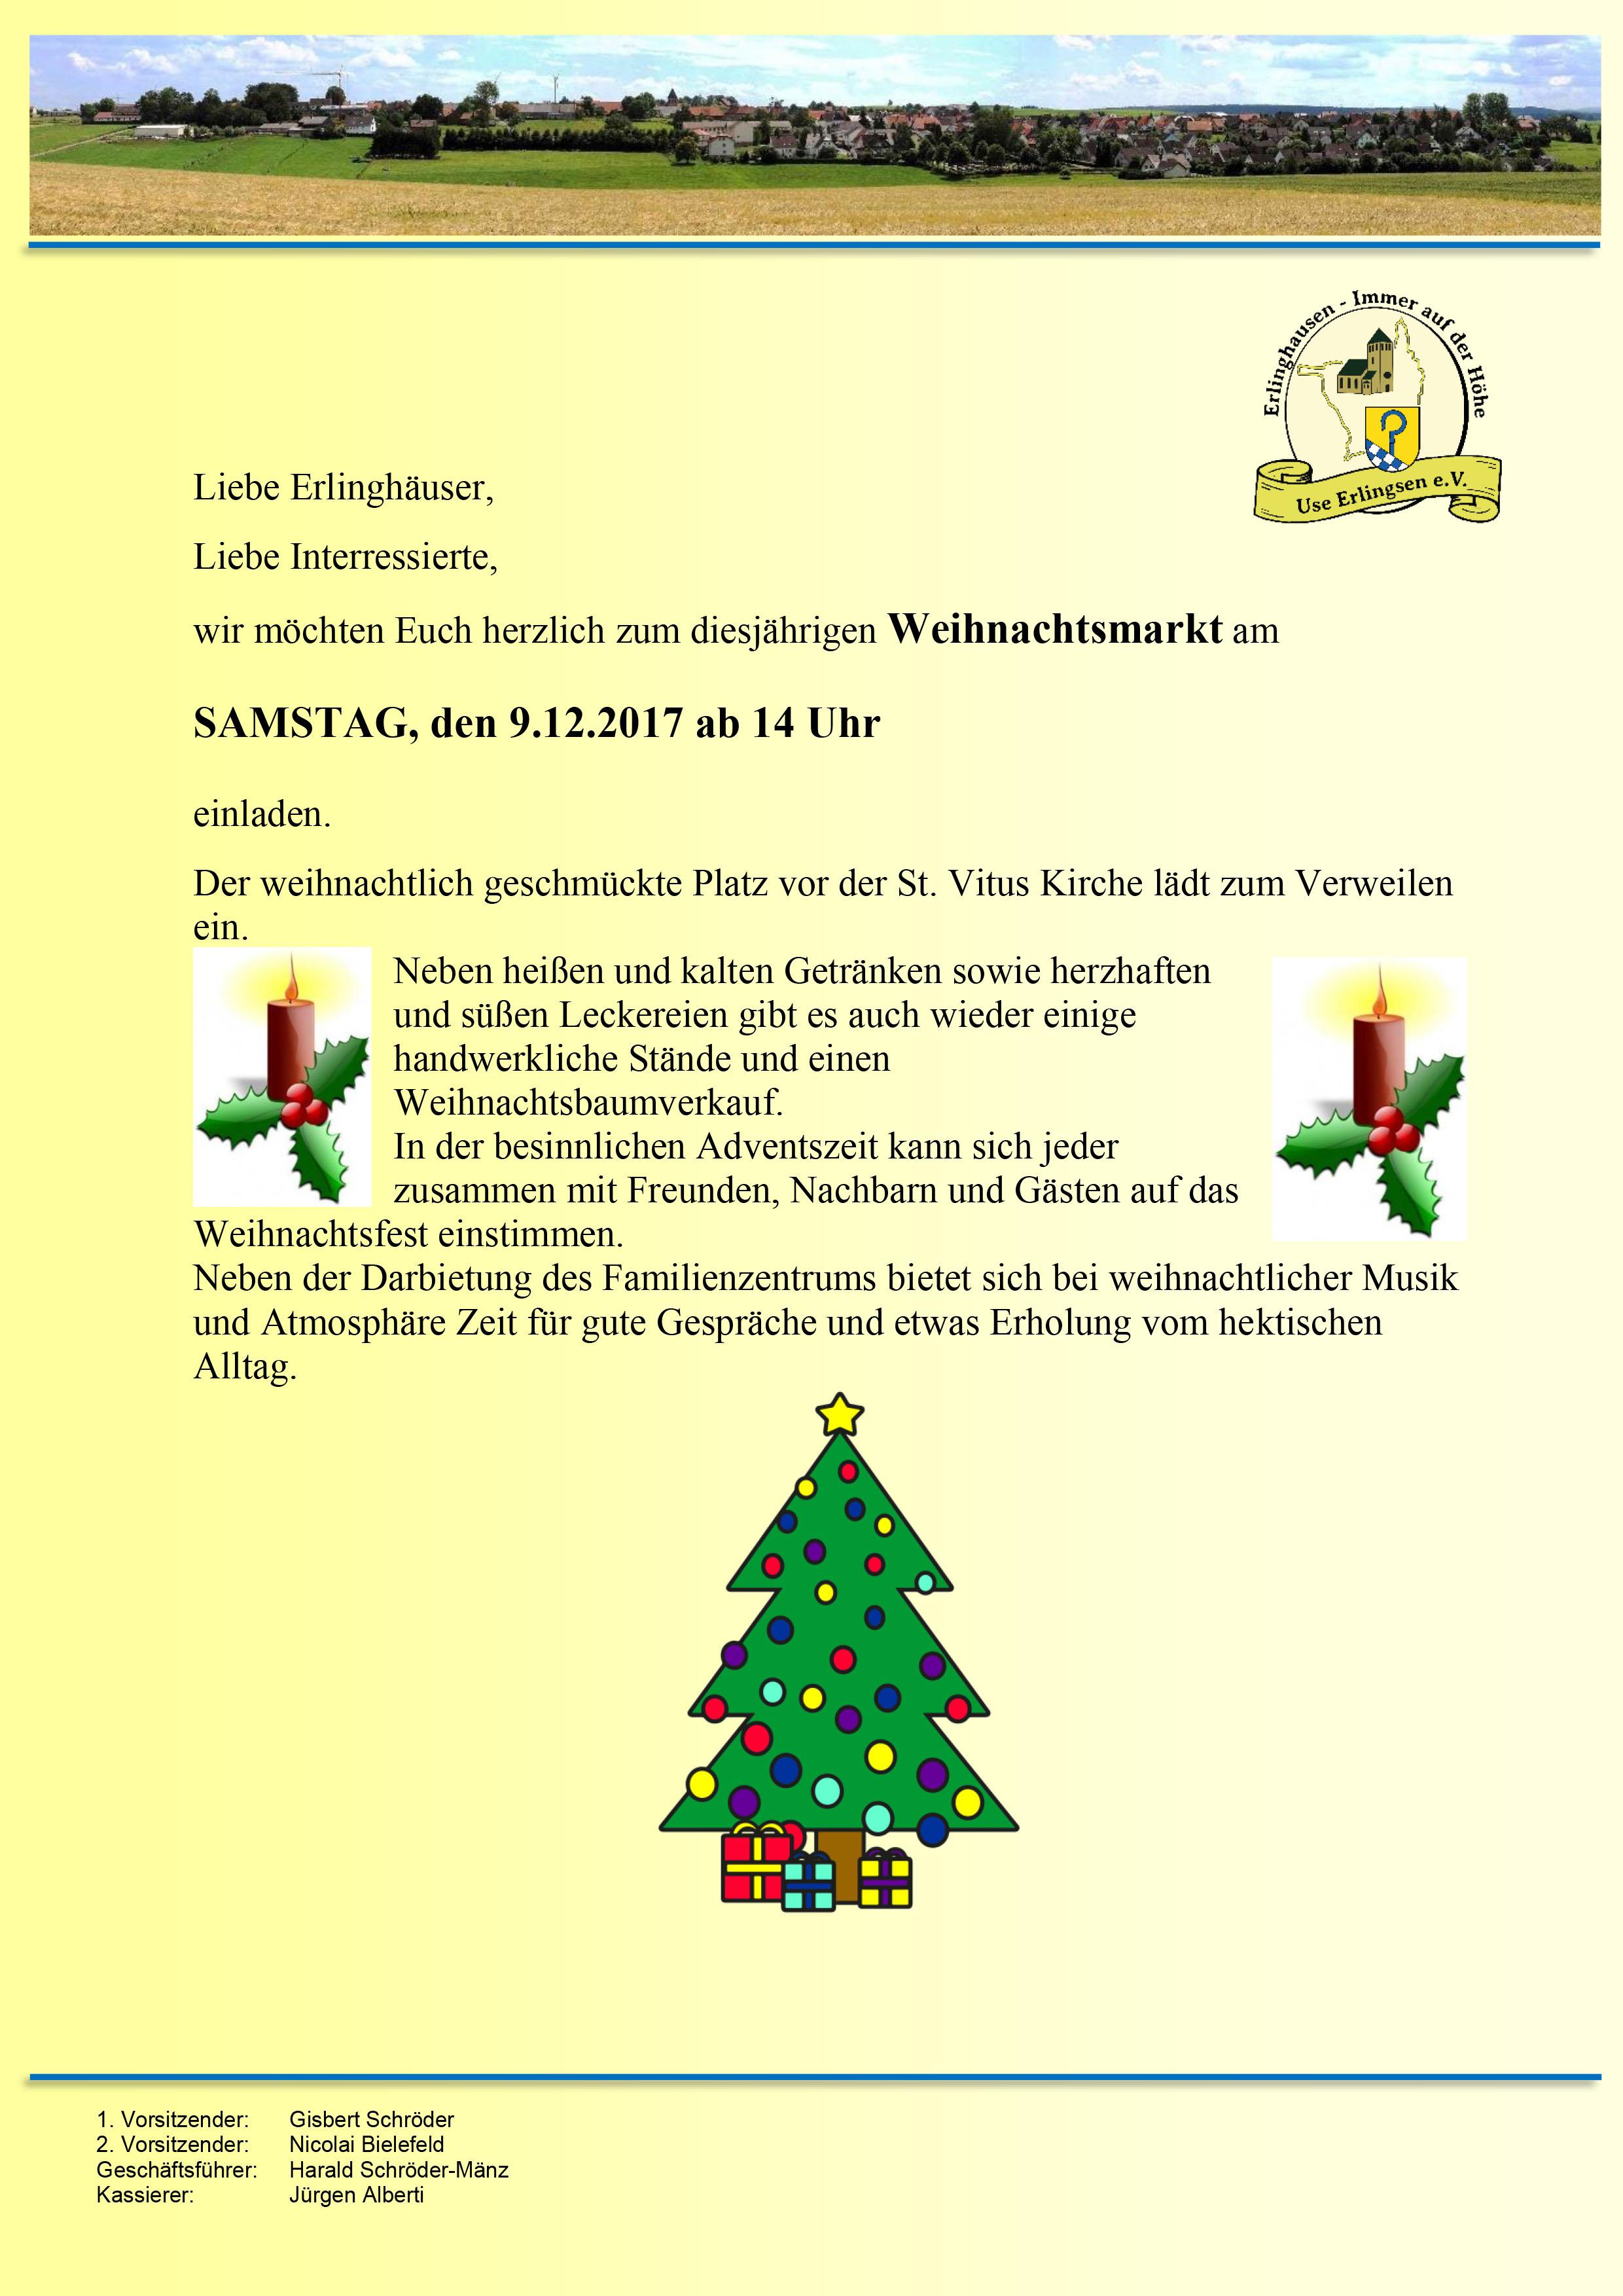 Weihnachtsmarkt am 9.12. ab 14 Uhr - Erlinghausen